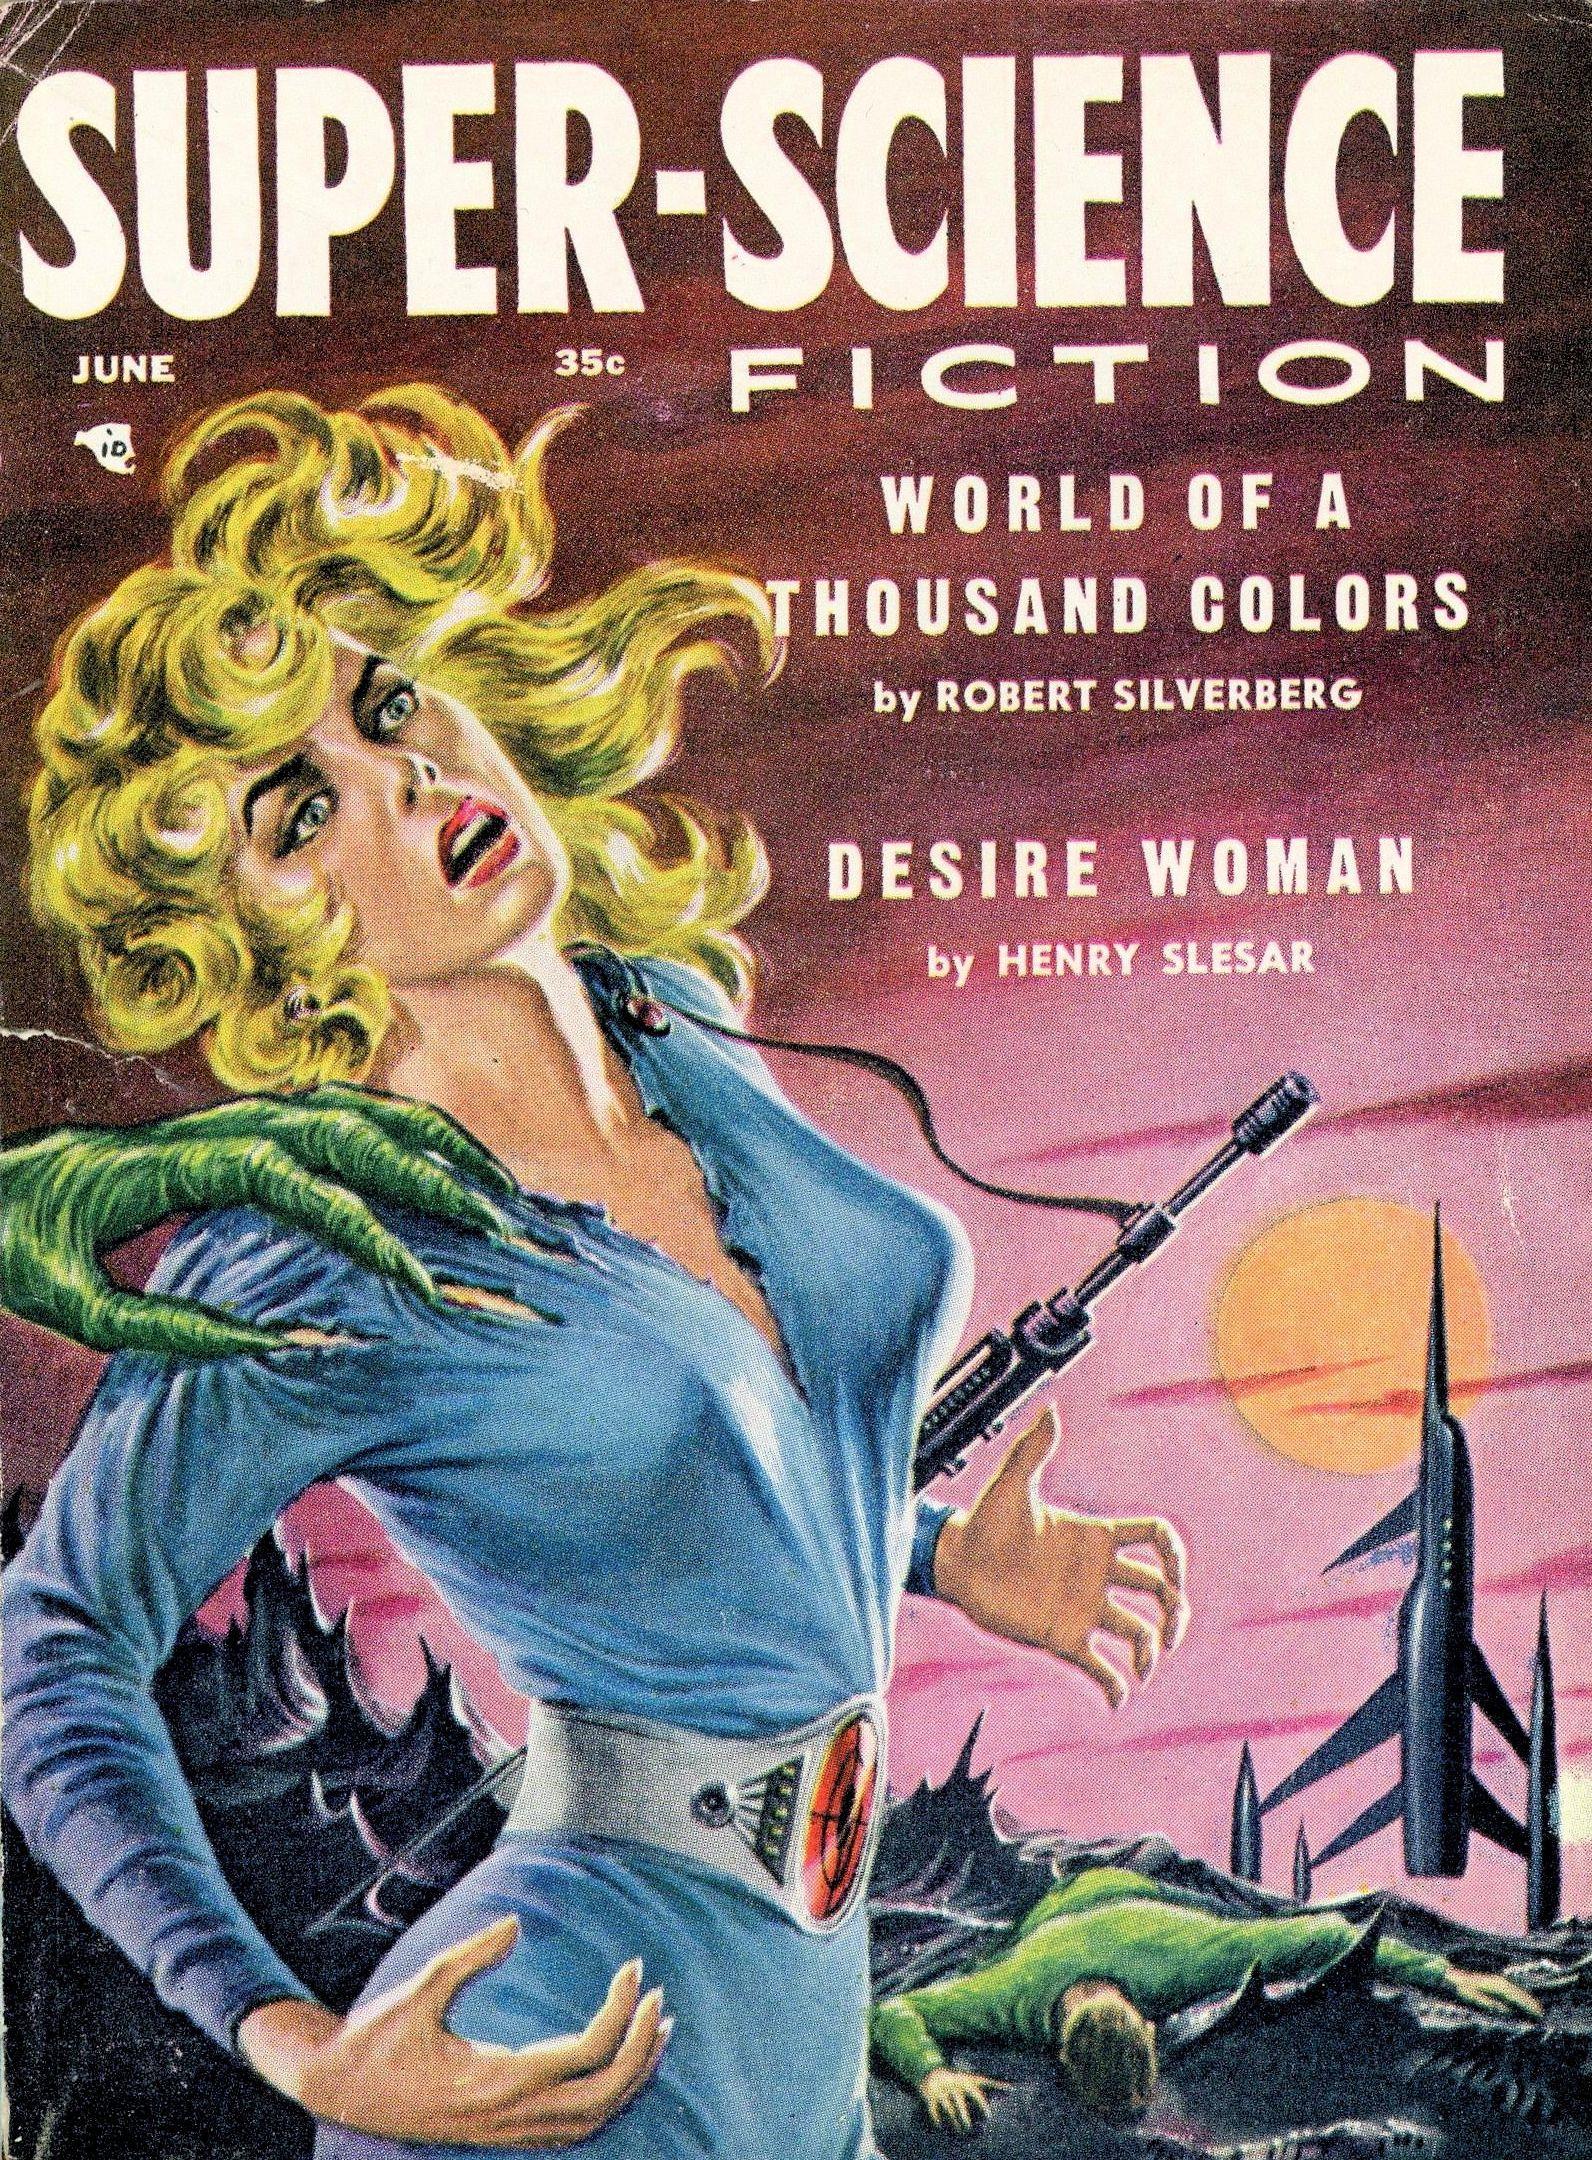 Super Science Fiction June 1957